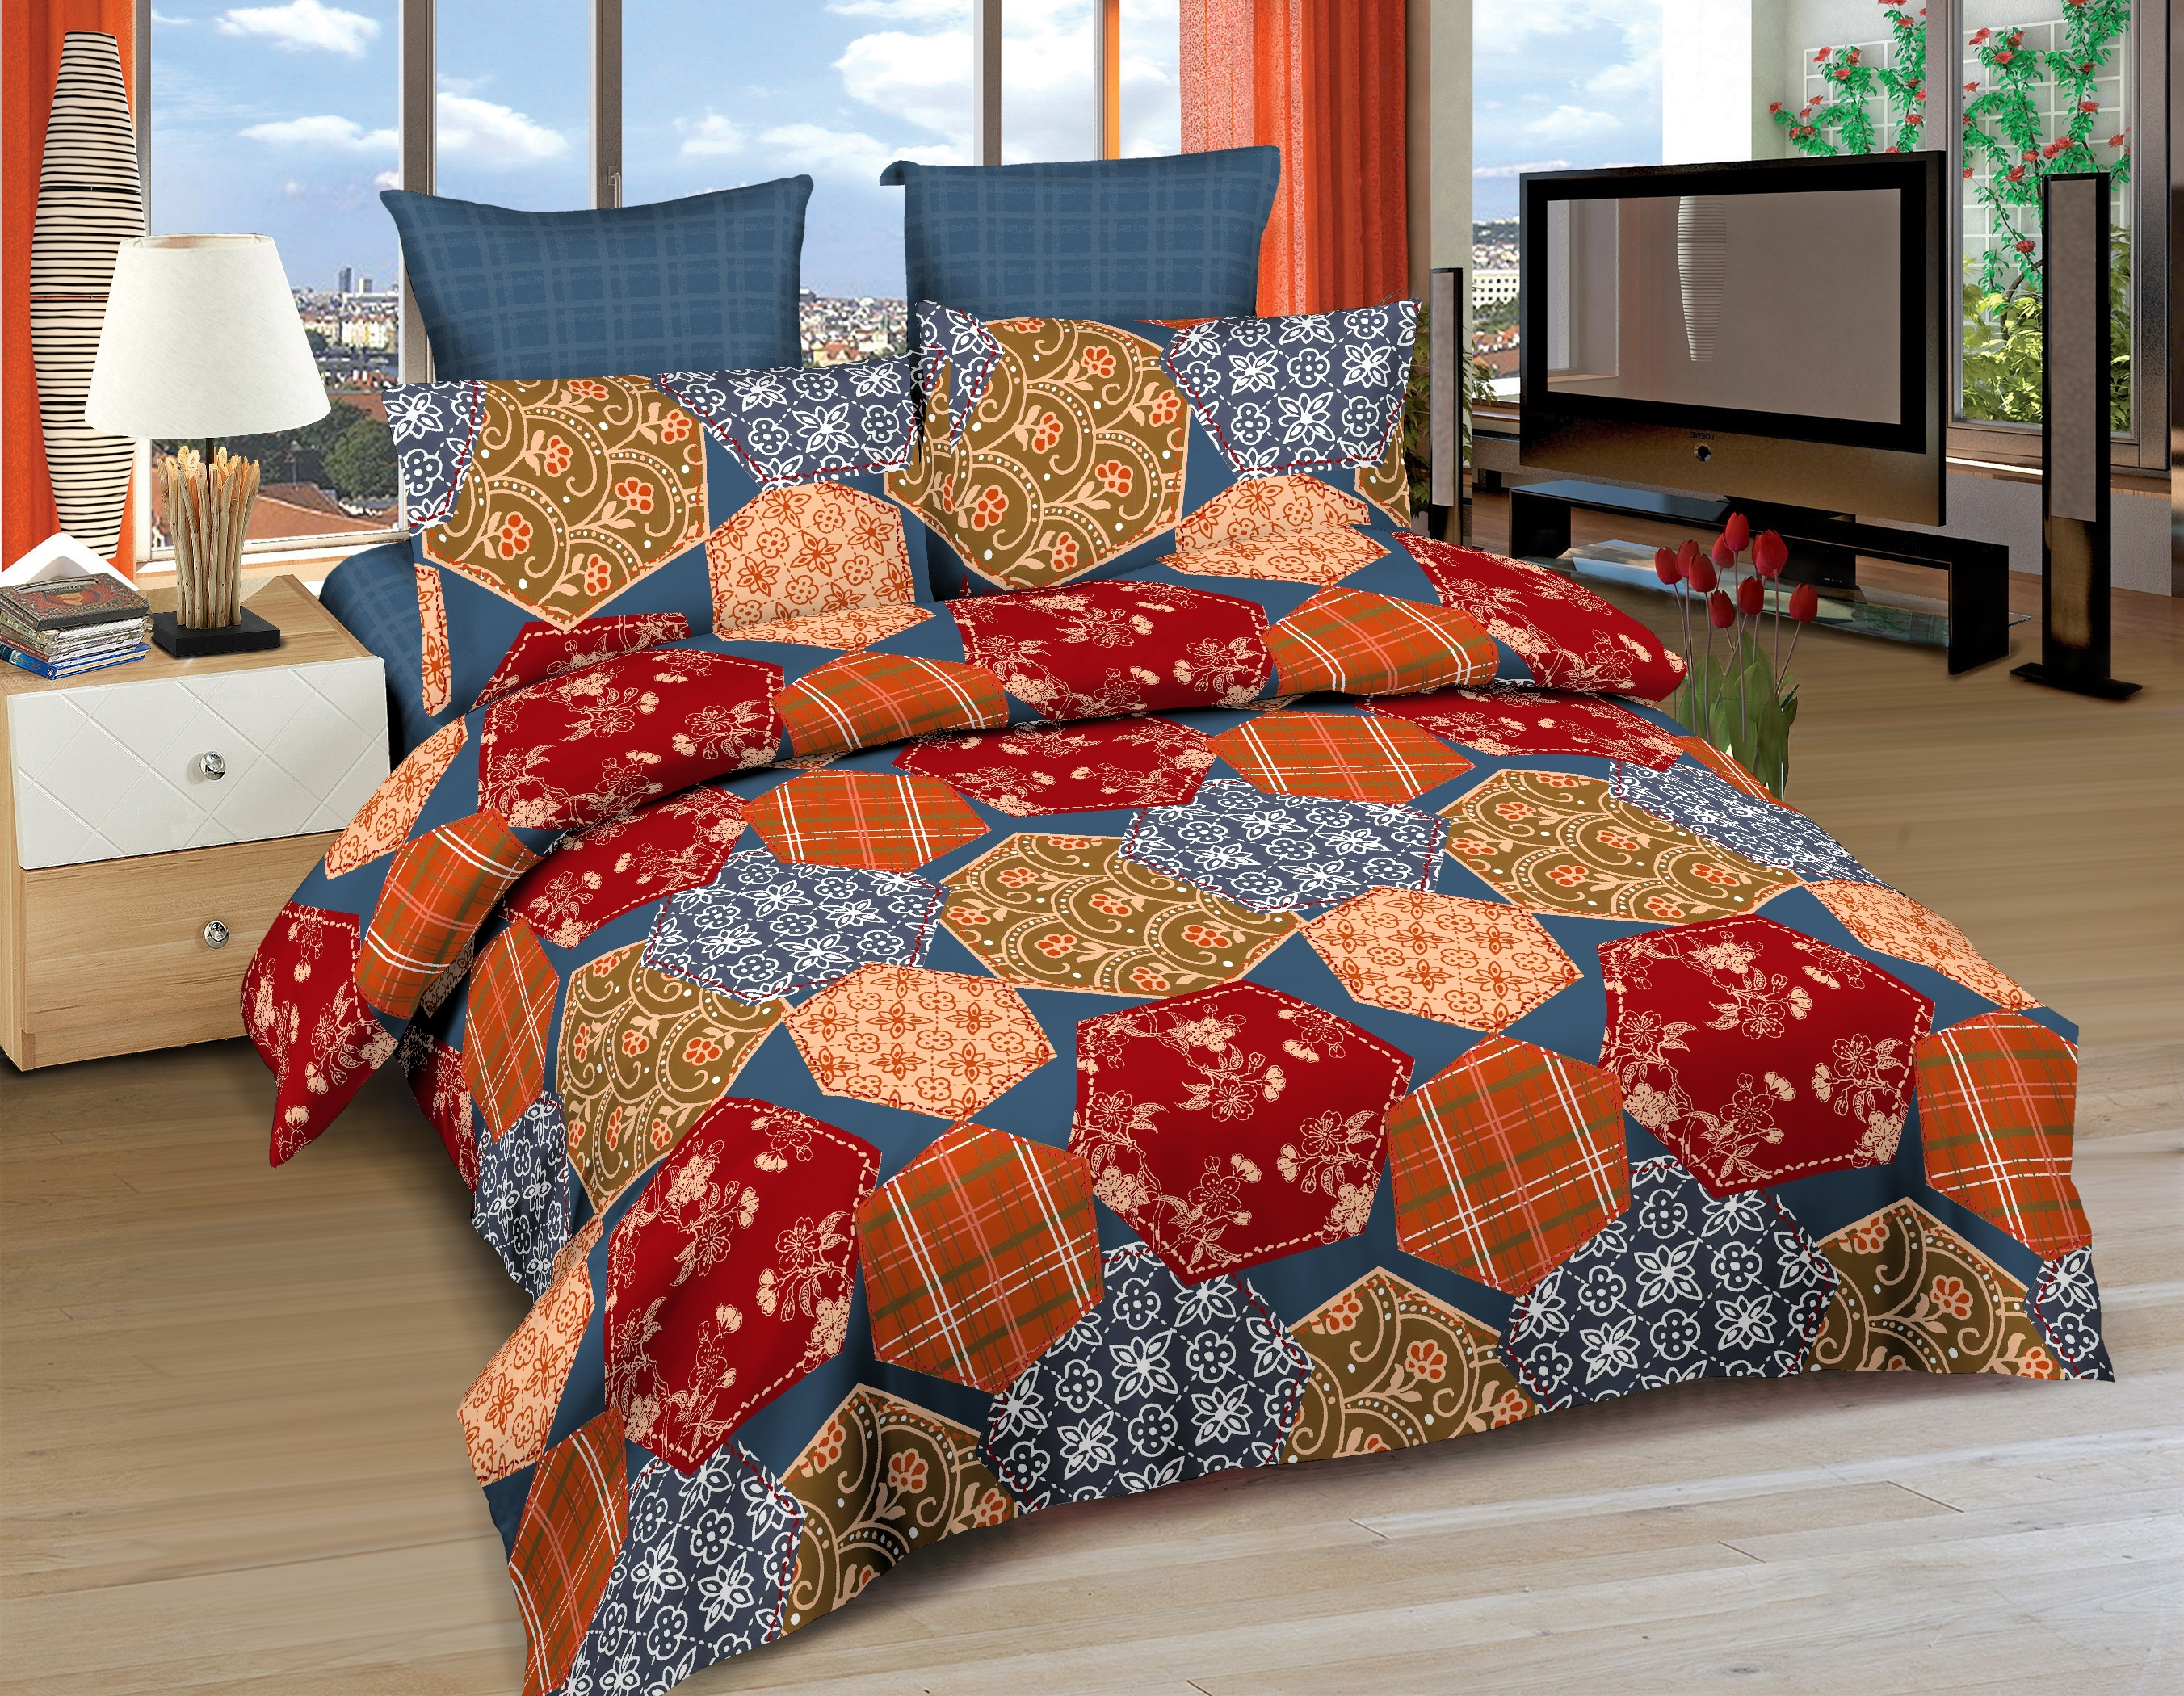 Постельное белье Amore Mio Постельное белье Cairo (2 сп. евро) постельное белье amore mio постельное белье glasgow 2 сп евро